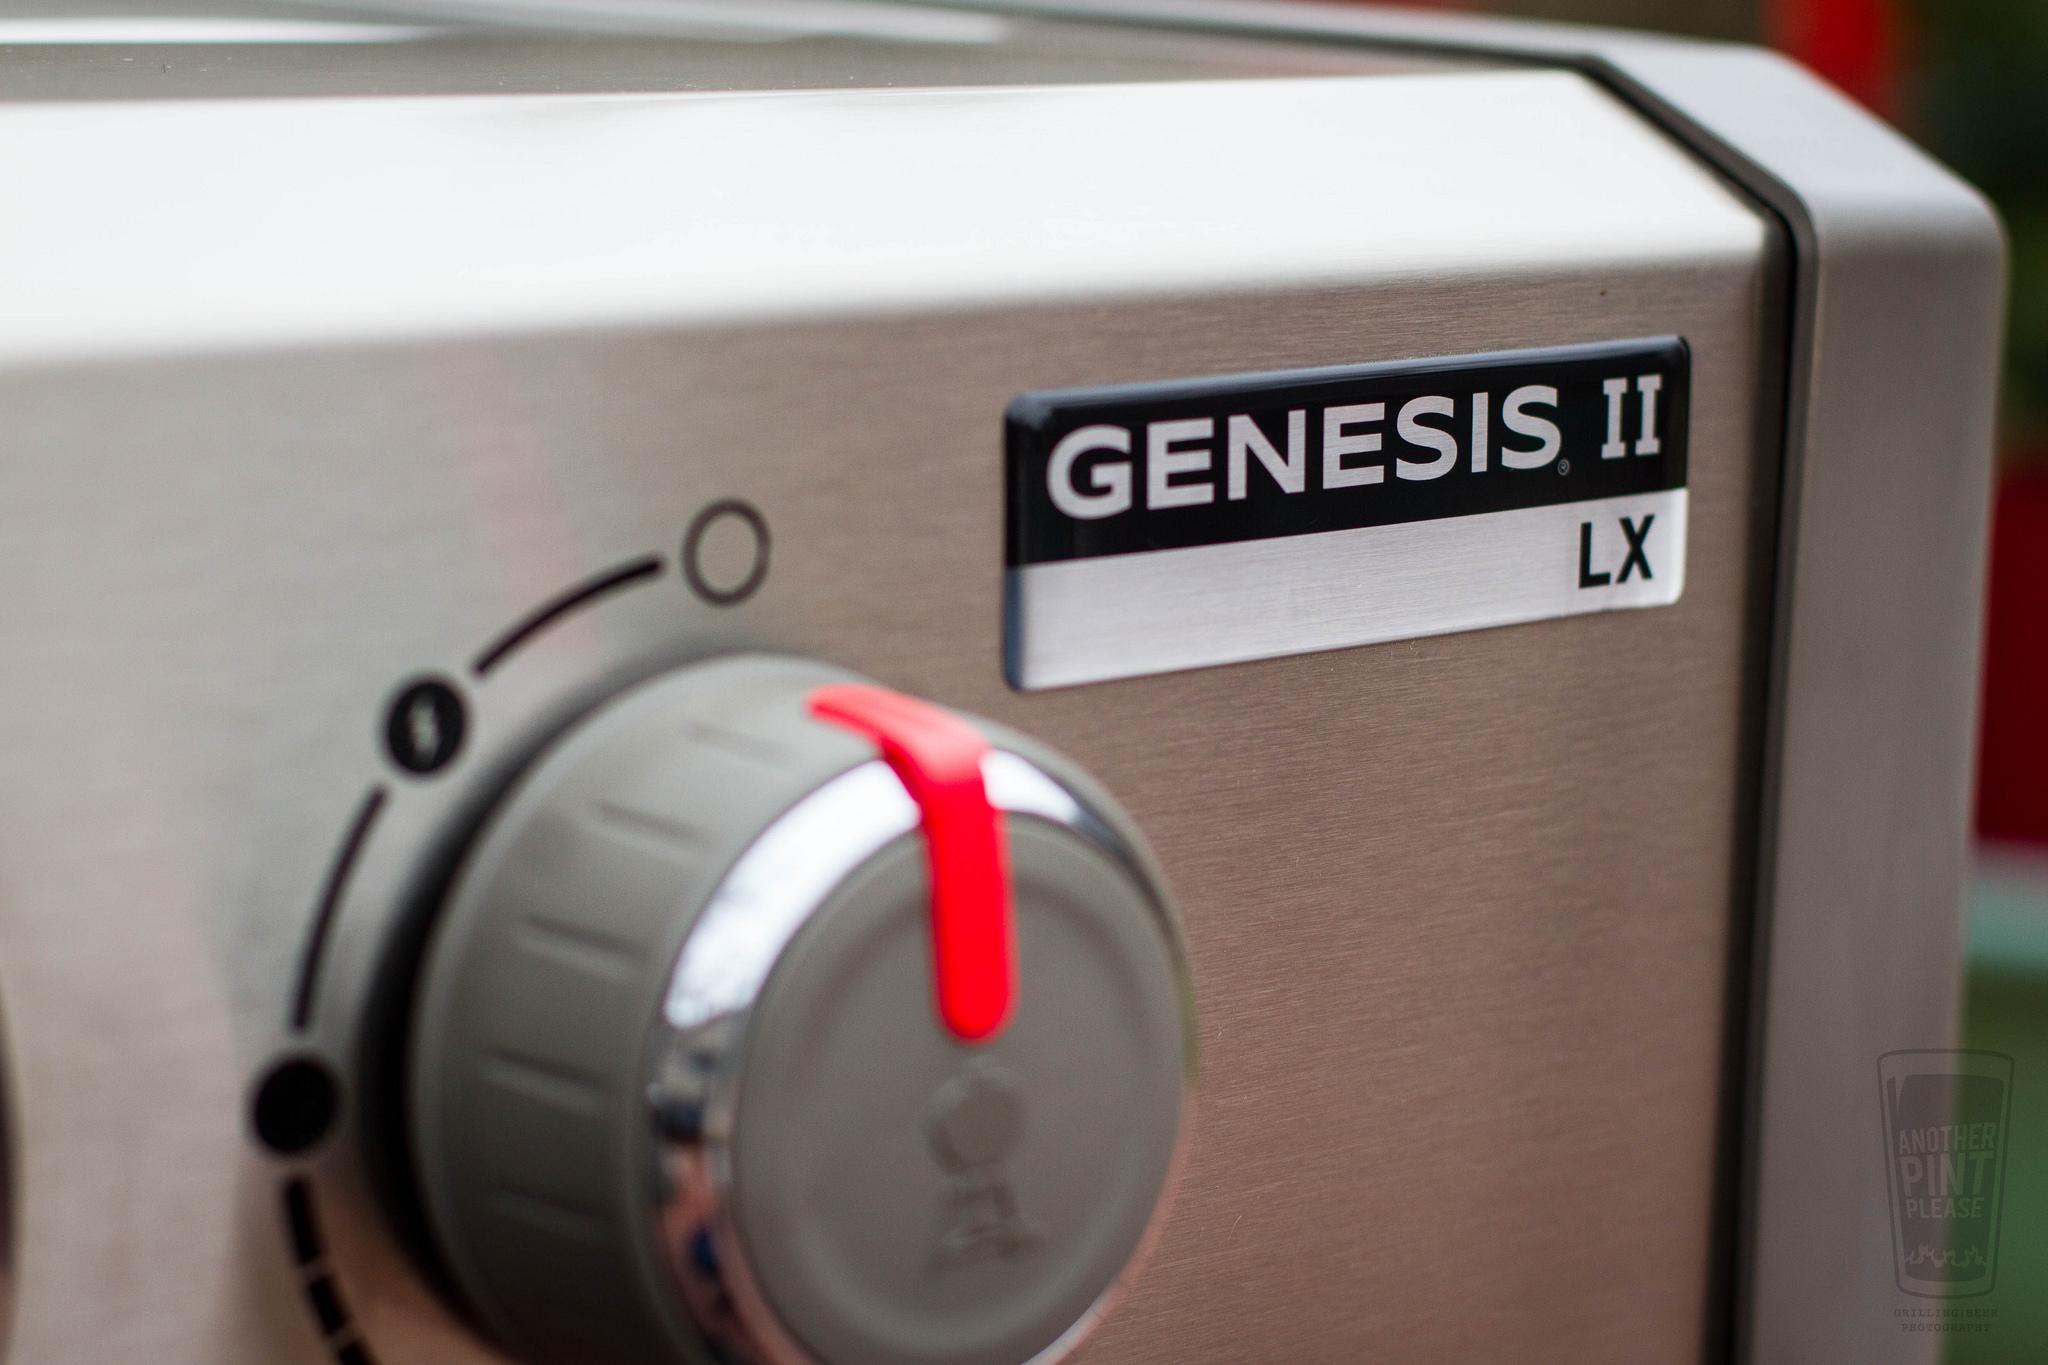 weber genesis ii lx.jpg